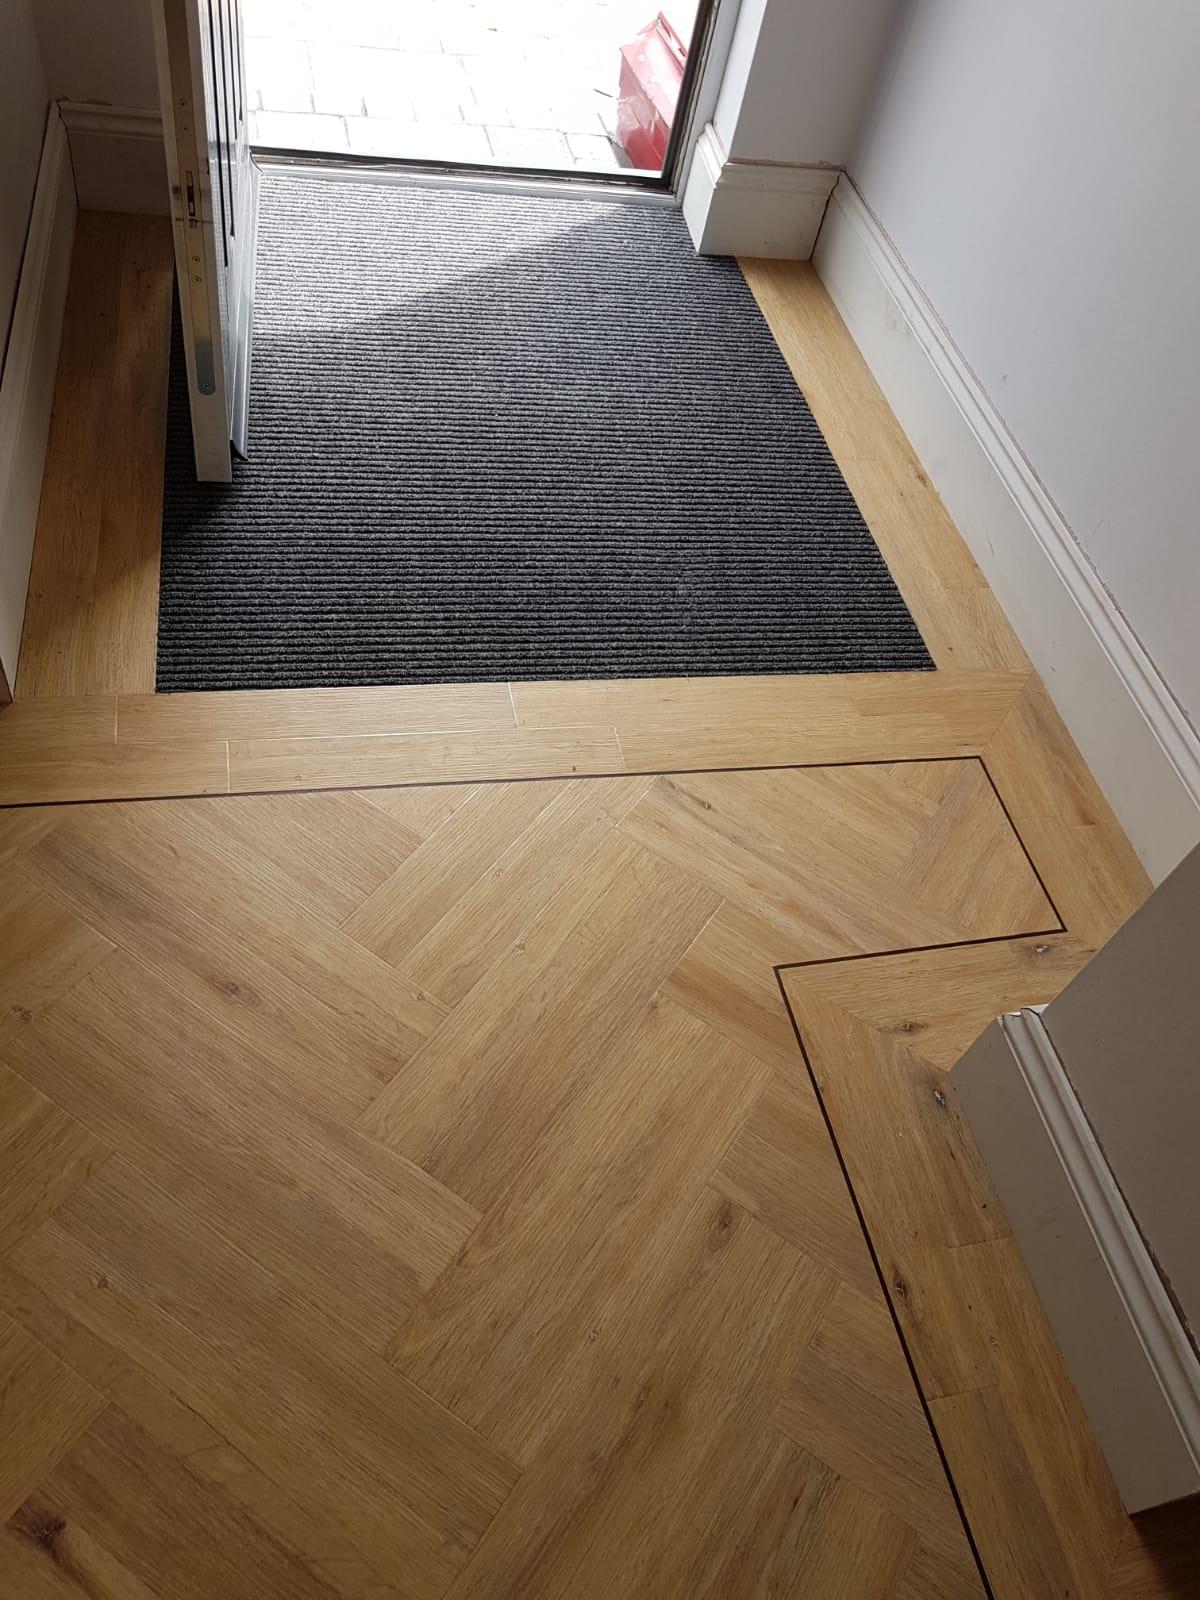 Oak Herringbone Tile with Border Strip